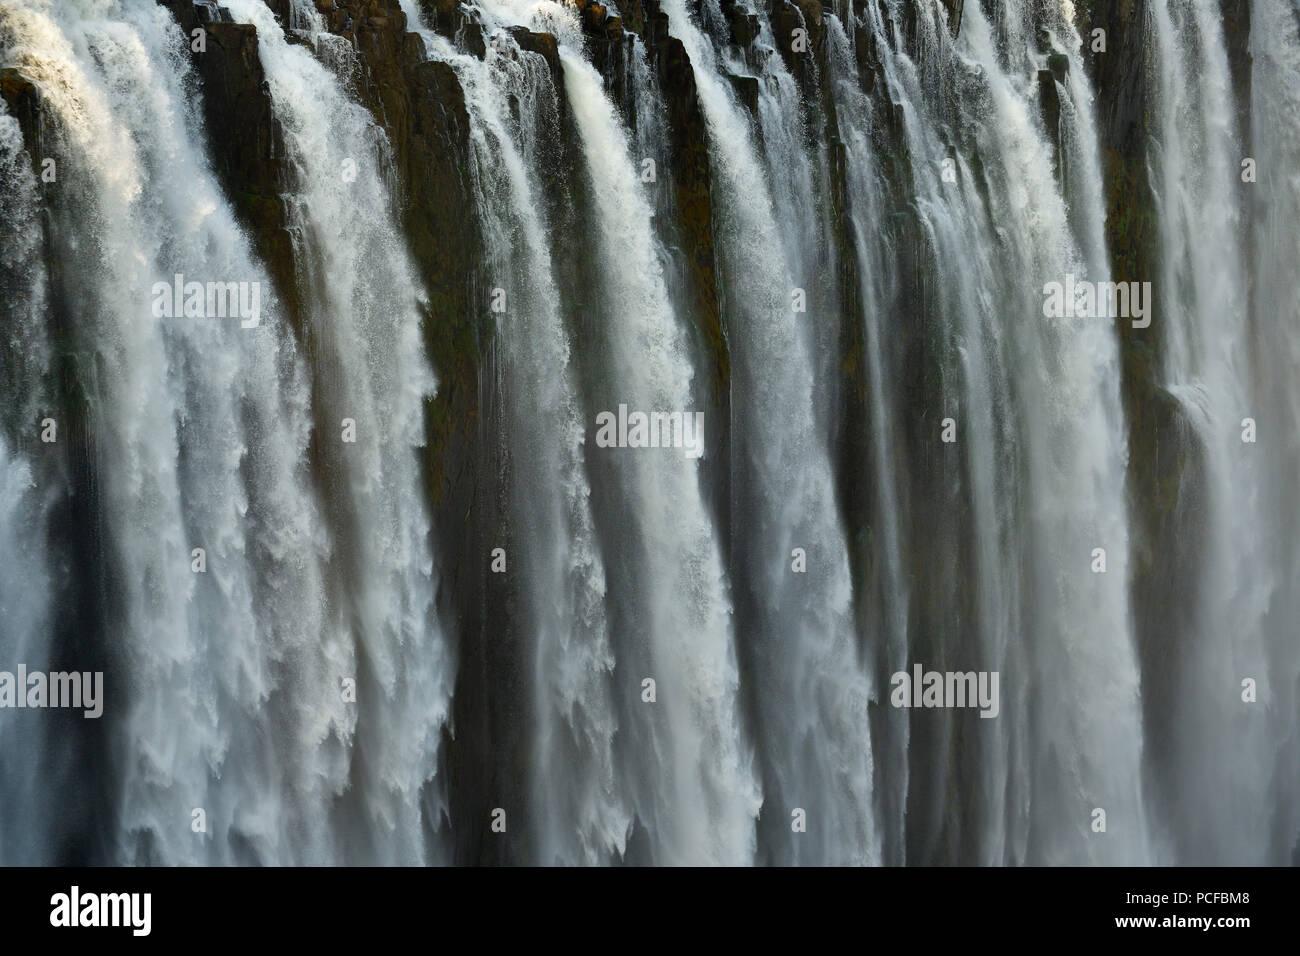 Falling Waters Victoria Falls Zimbabwe Africa Stock Photo